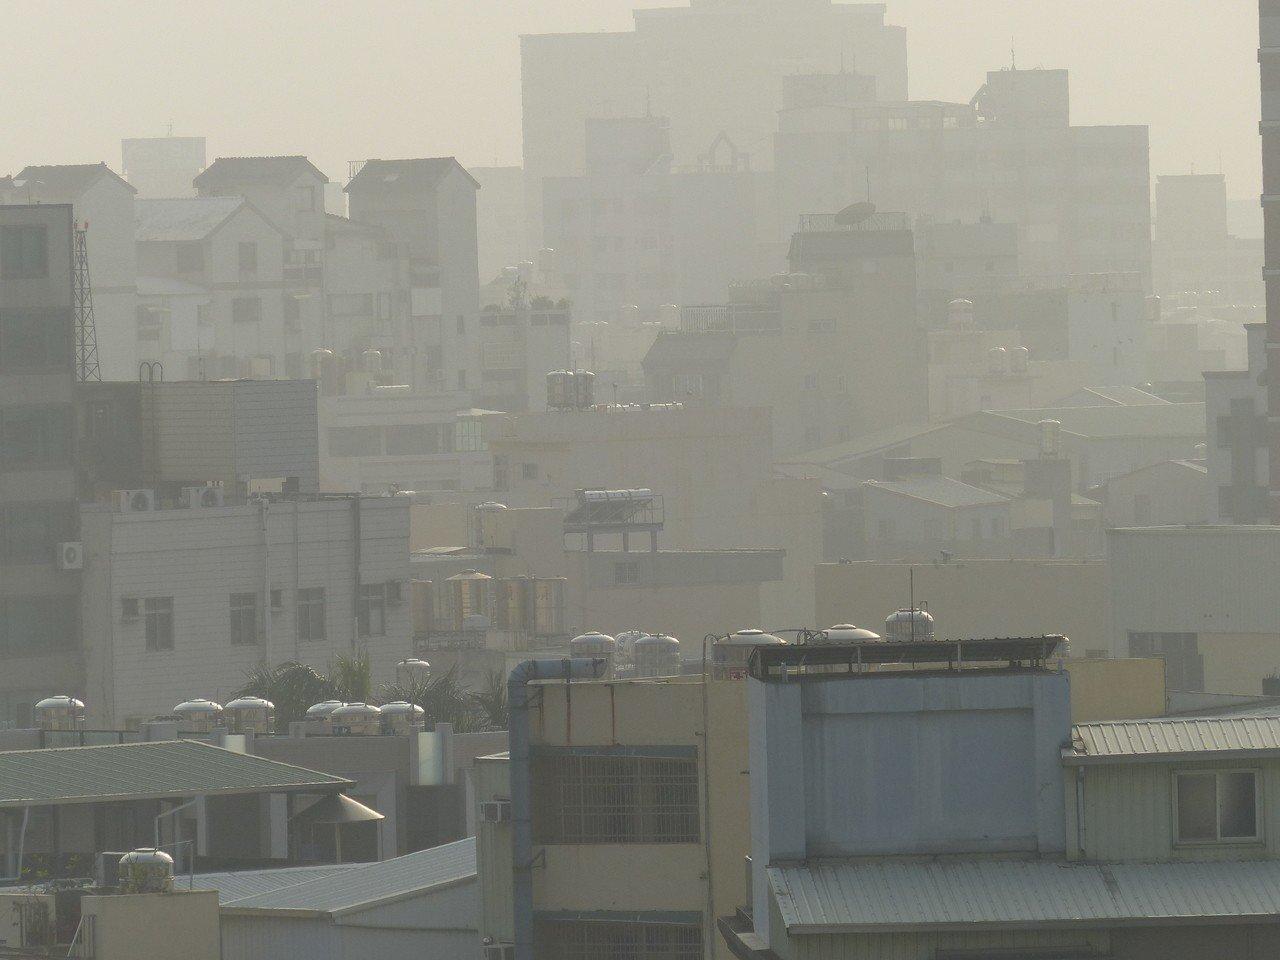 彰化縣上週末下午因東北季風減弱,PM2.5濃度偏高,市區籠罩霧霾。記者劉明岩/攝...